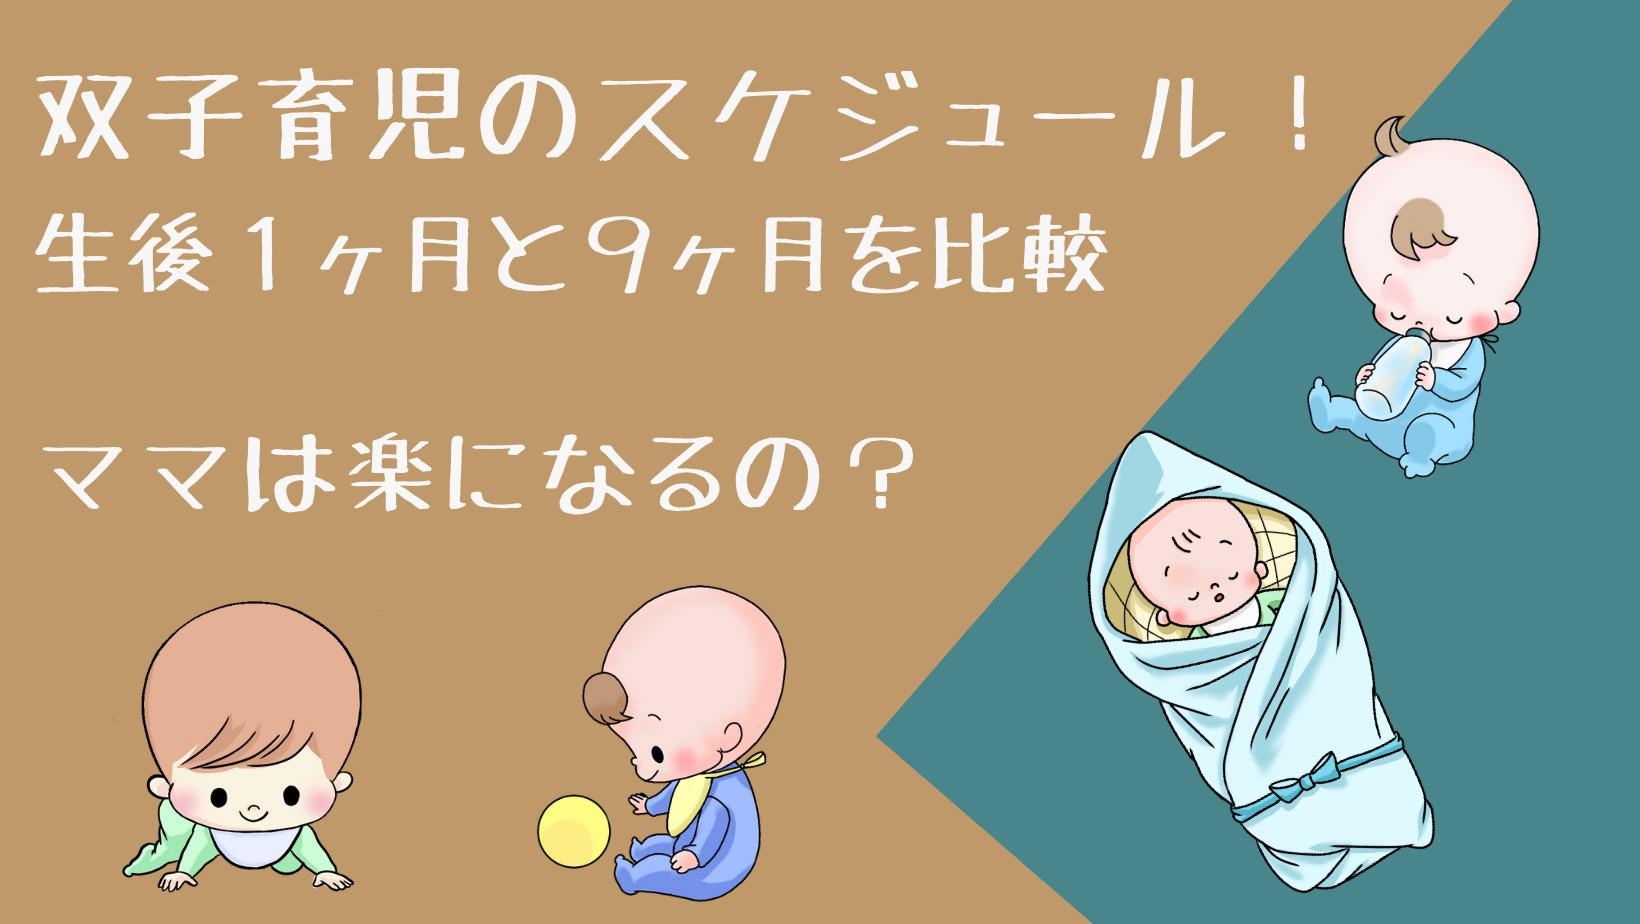 双子育児のスケジュール!新生児と生後9ヶ月を比較。ママは楽になるの?